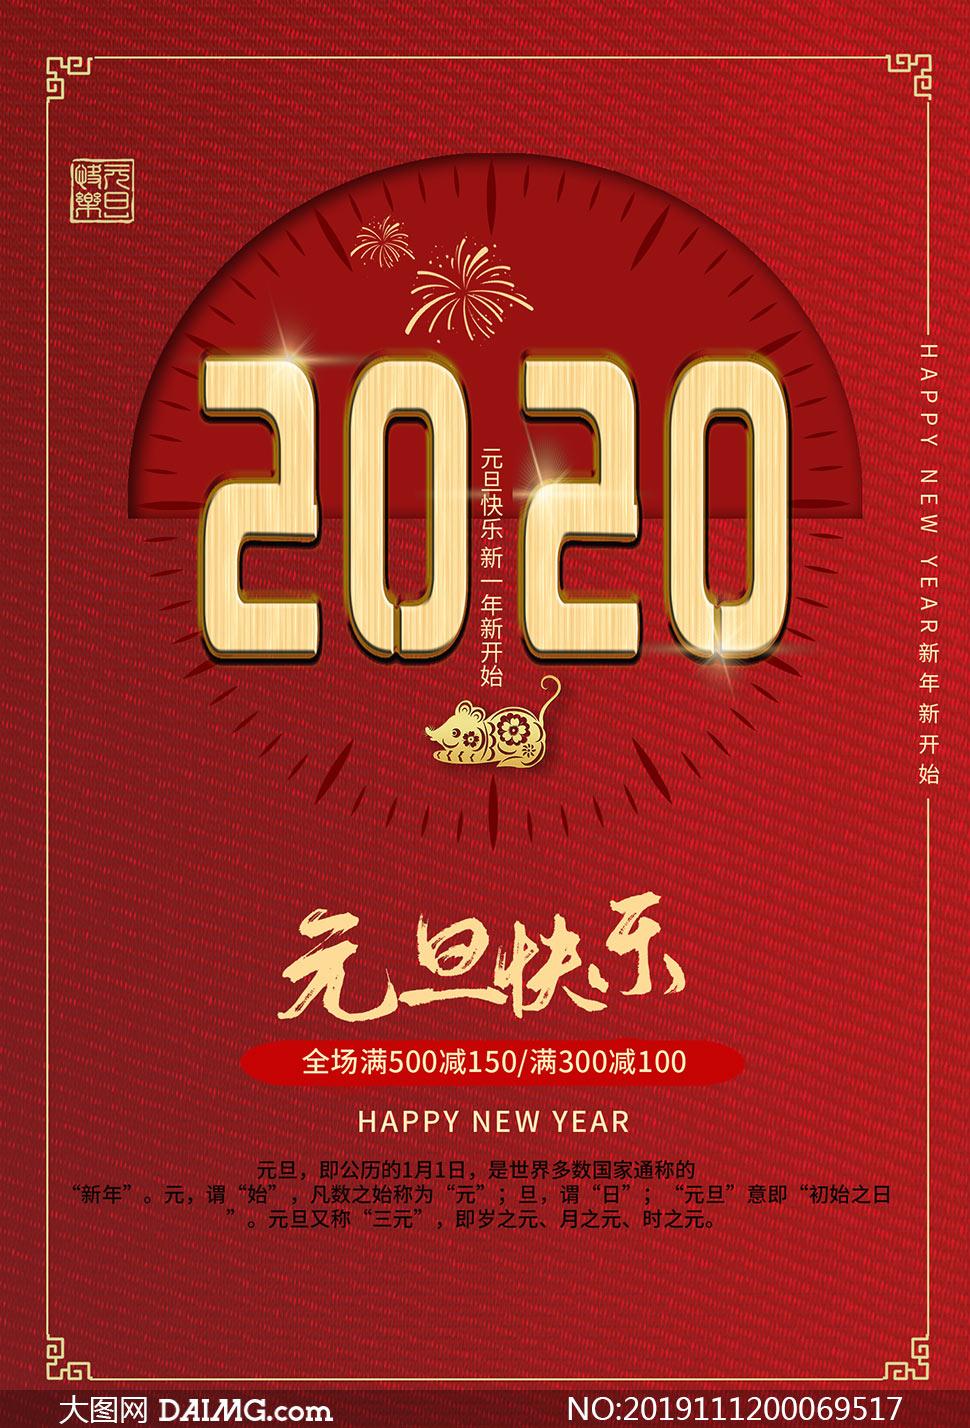 2020元旦商场满减活动海报设计PSD素材